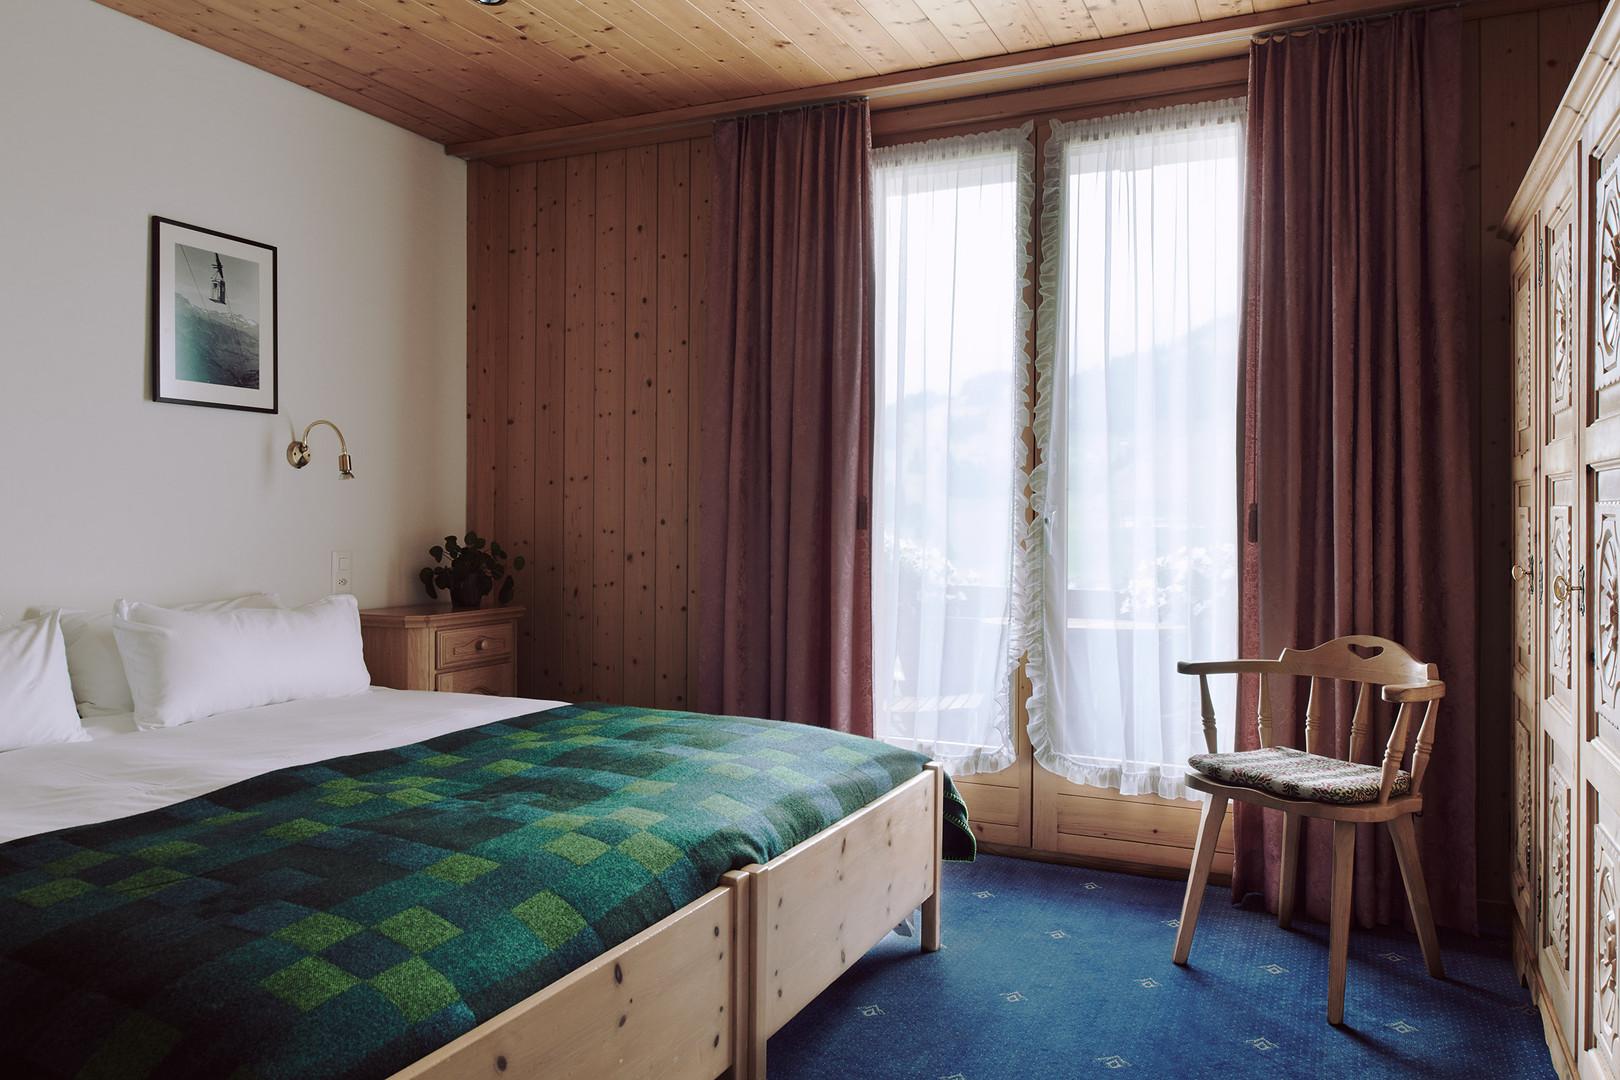 190727-The-Huldi-Waldhaus-Room-57-144-We